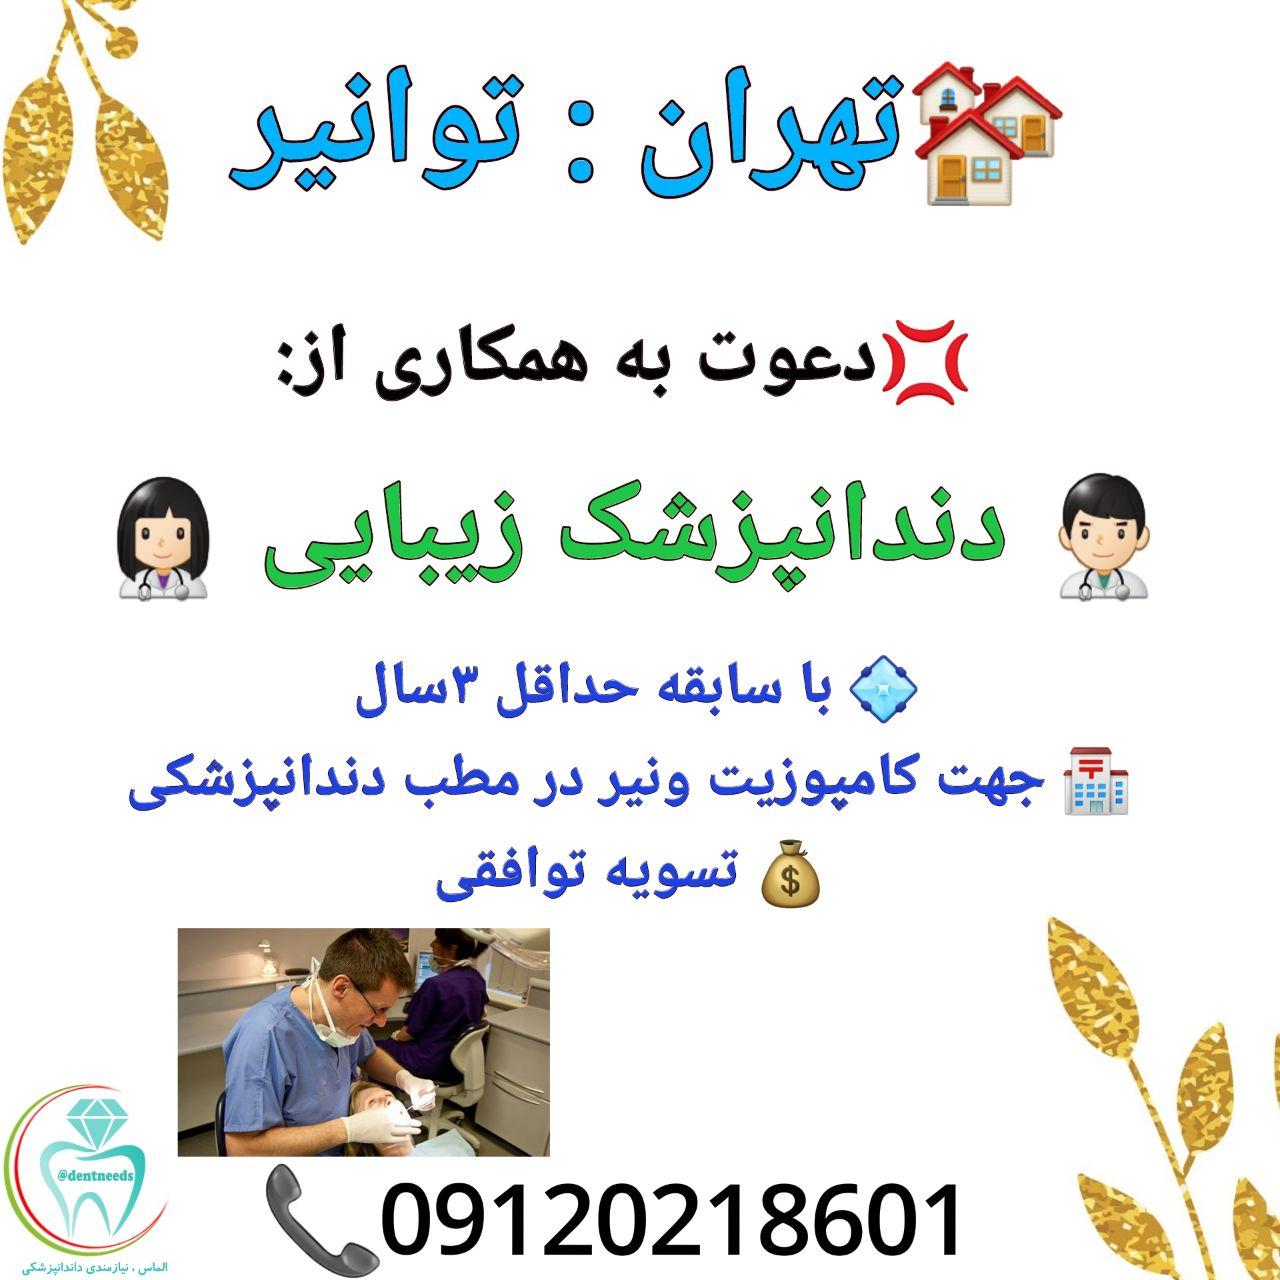 تهران: توانیر، نیاز به دندانپزشک زیبایی